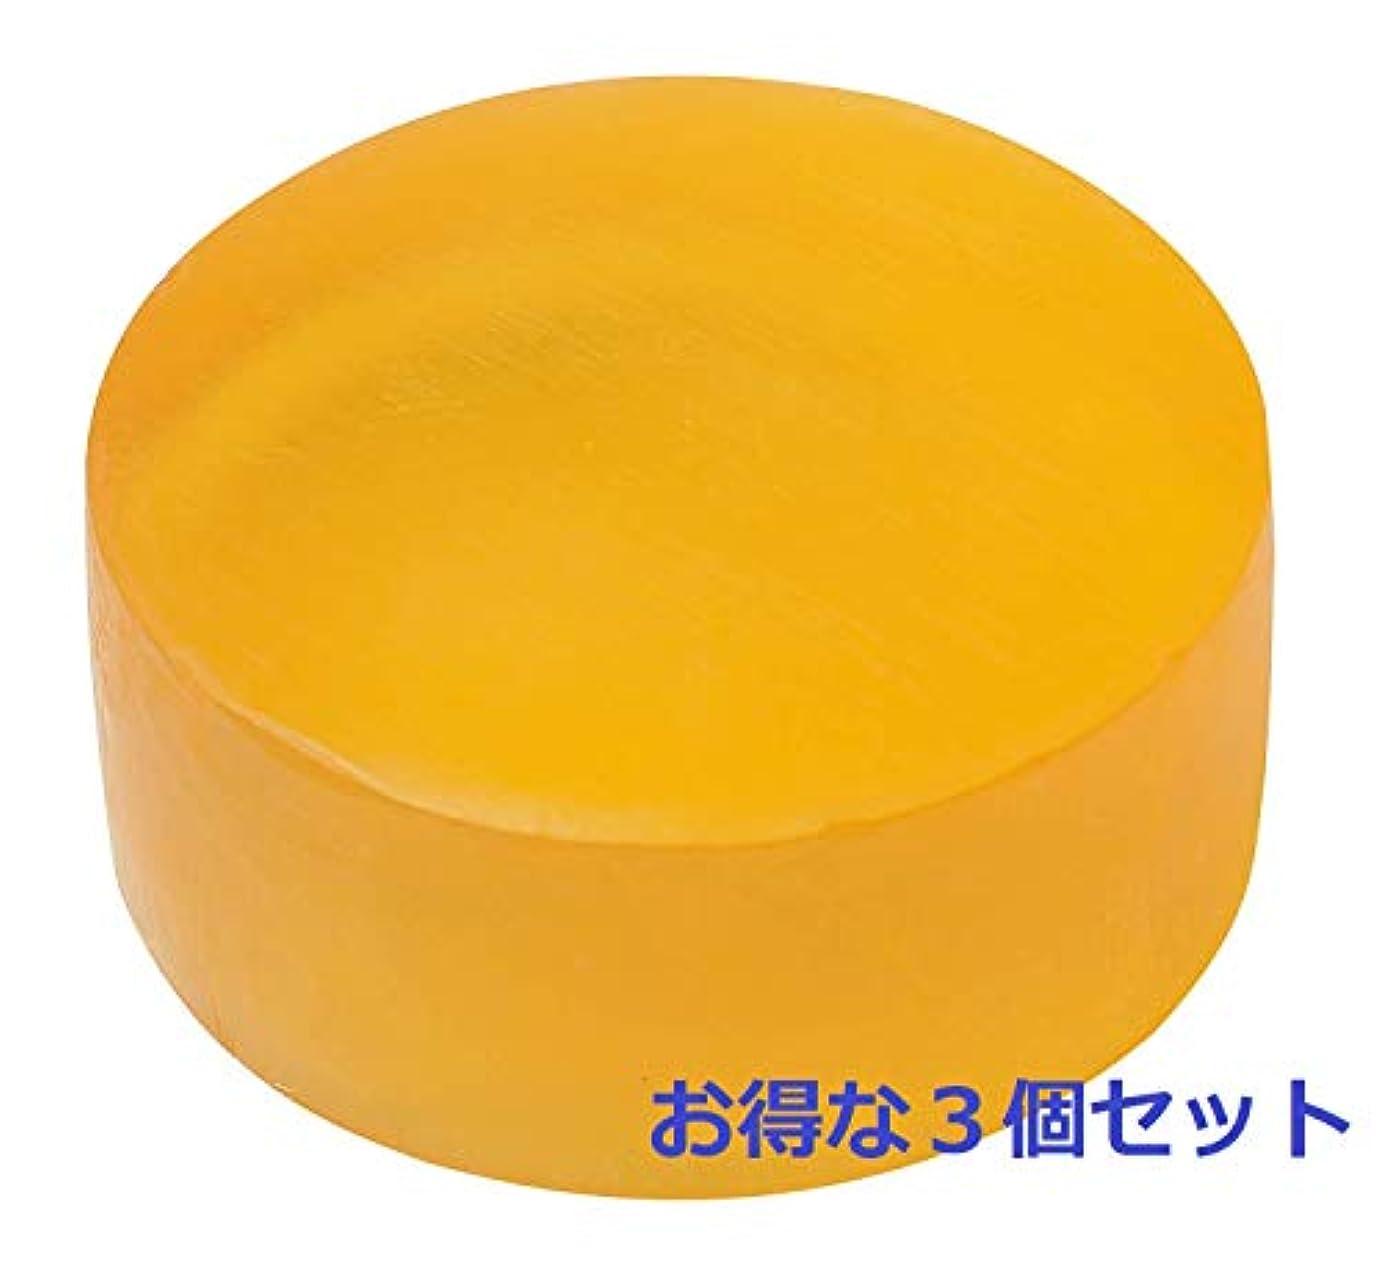 管理描くポケットプラスリストア クレンジングソープ 熟成 洗顔石鹸 メイク落とし 3個セット